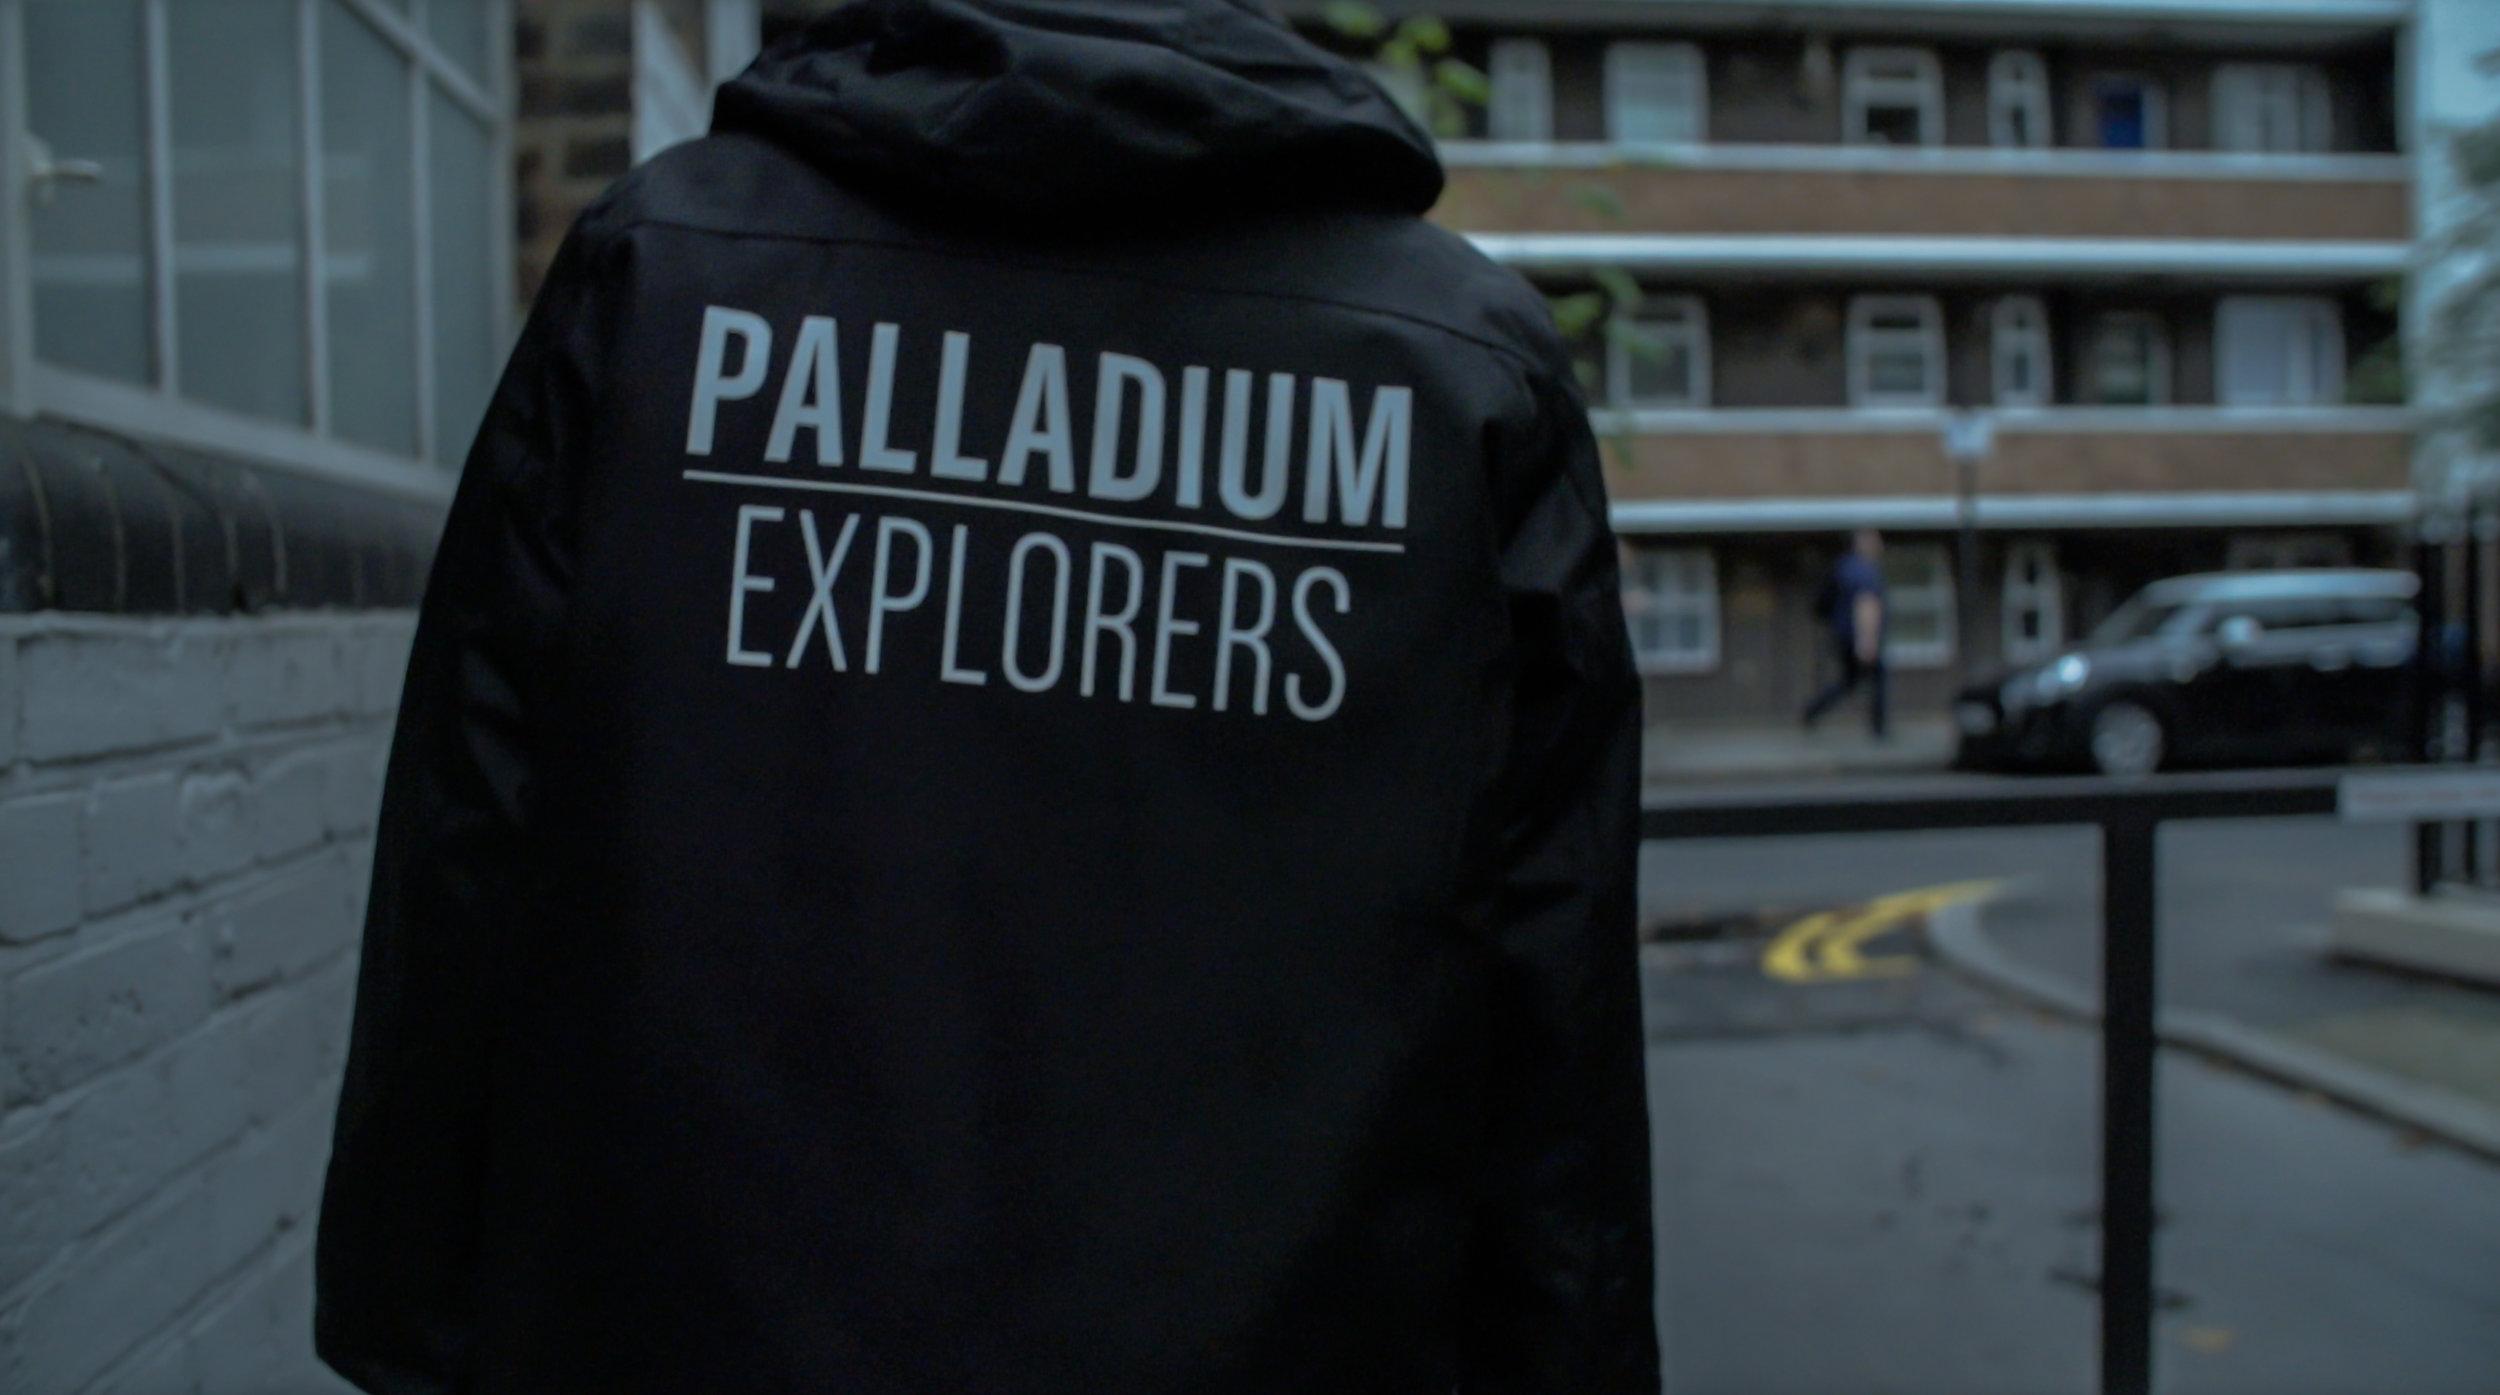 Palladium-Explorers-ScreenShot 28.jpg